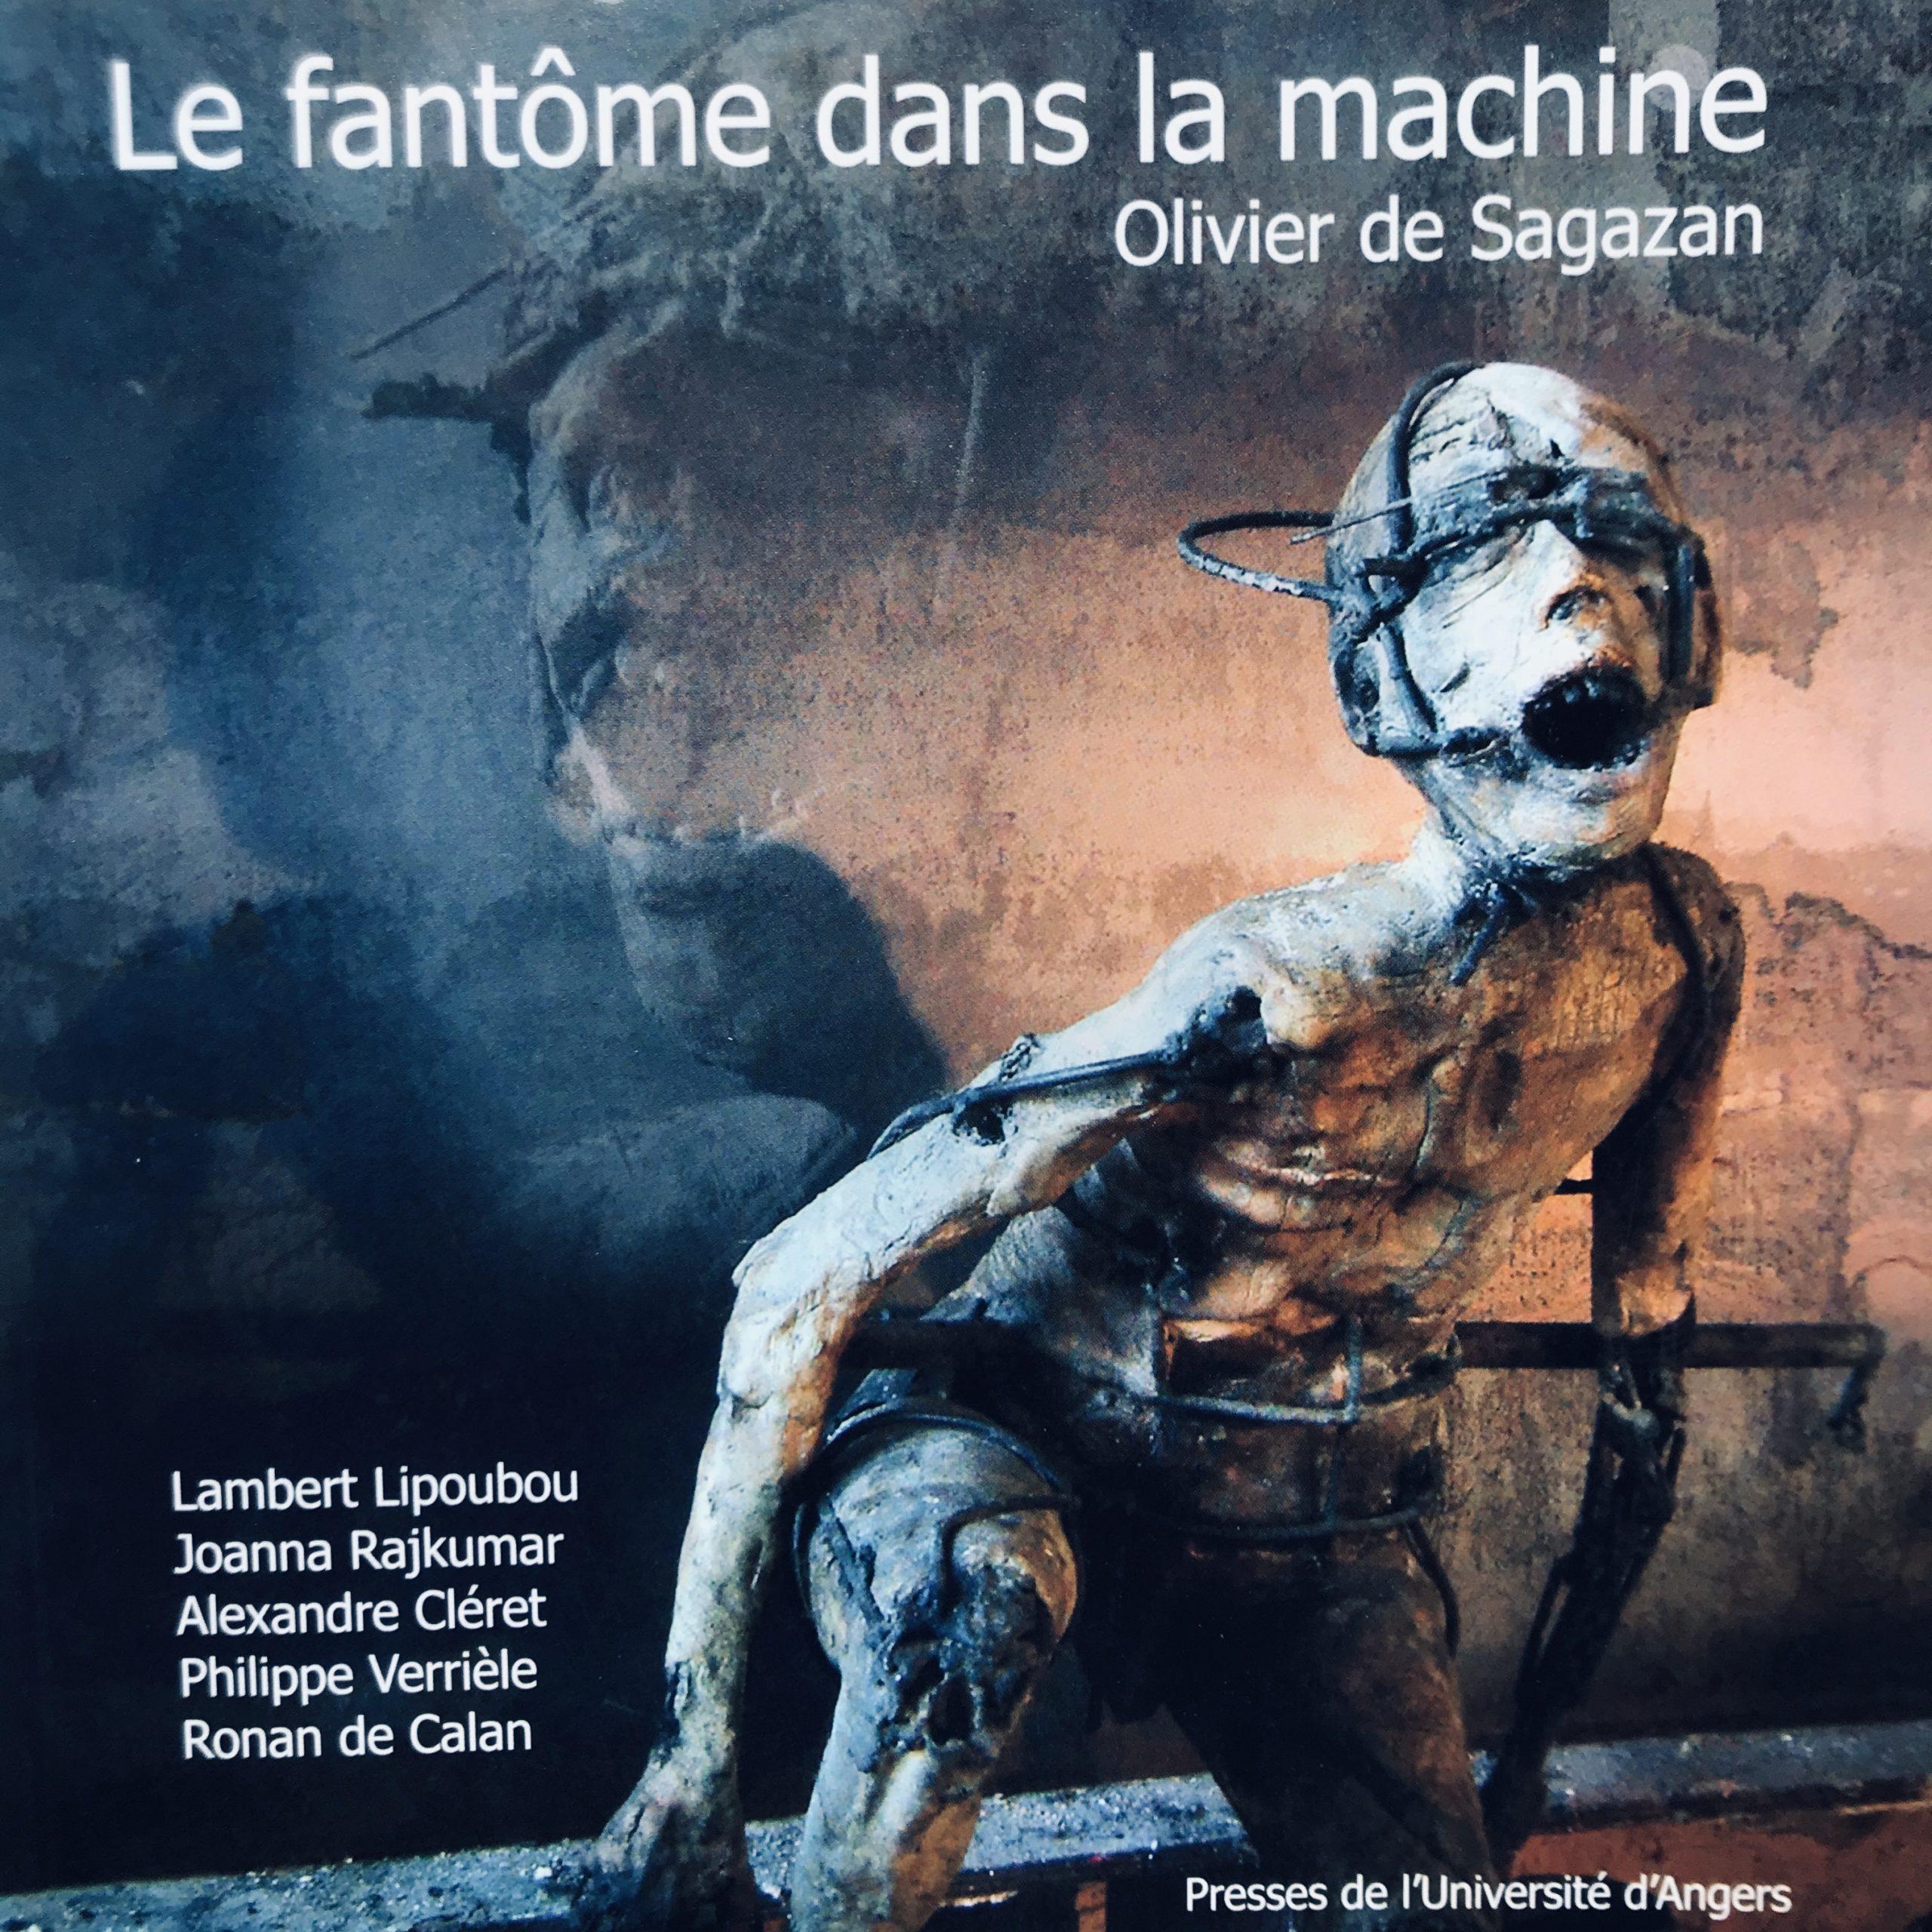 Le fantôme dans la machine